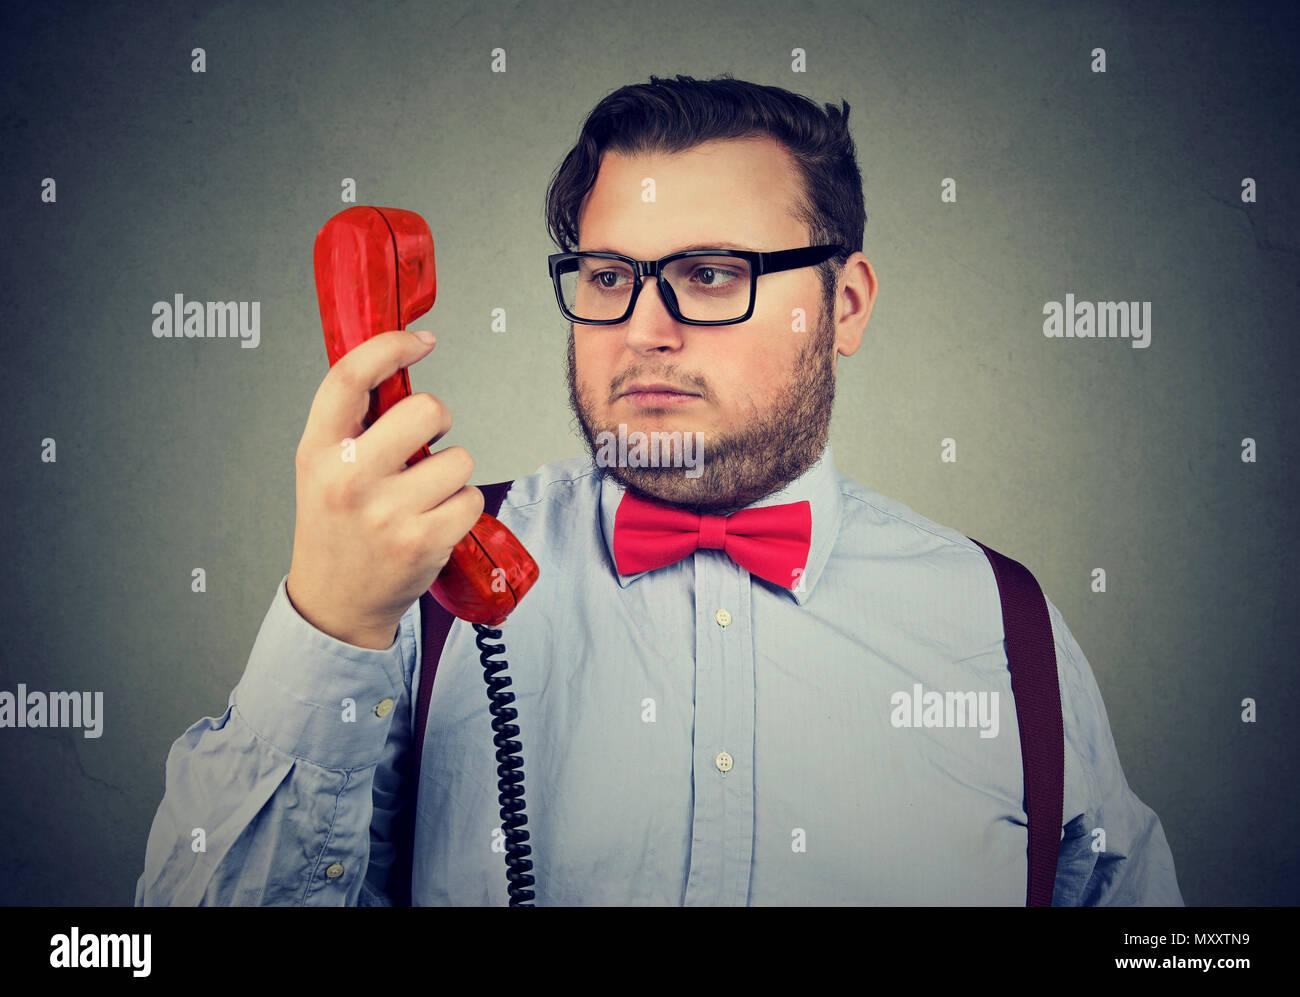 Hombre gordito formal en pajarita y gafas mirando el auricular en dudas y malentendidos sobre gris Imagen De Stock